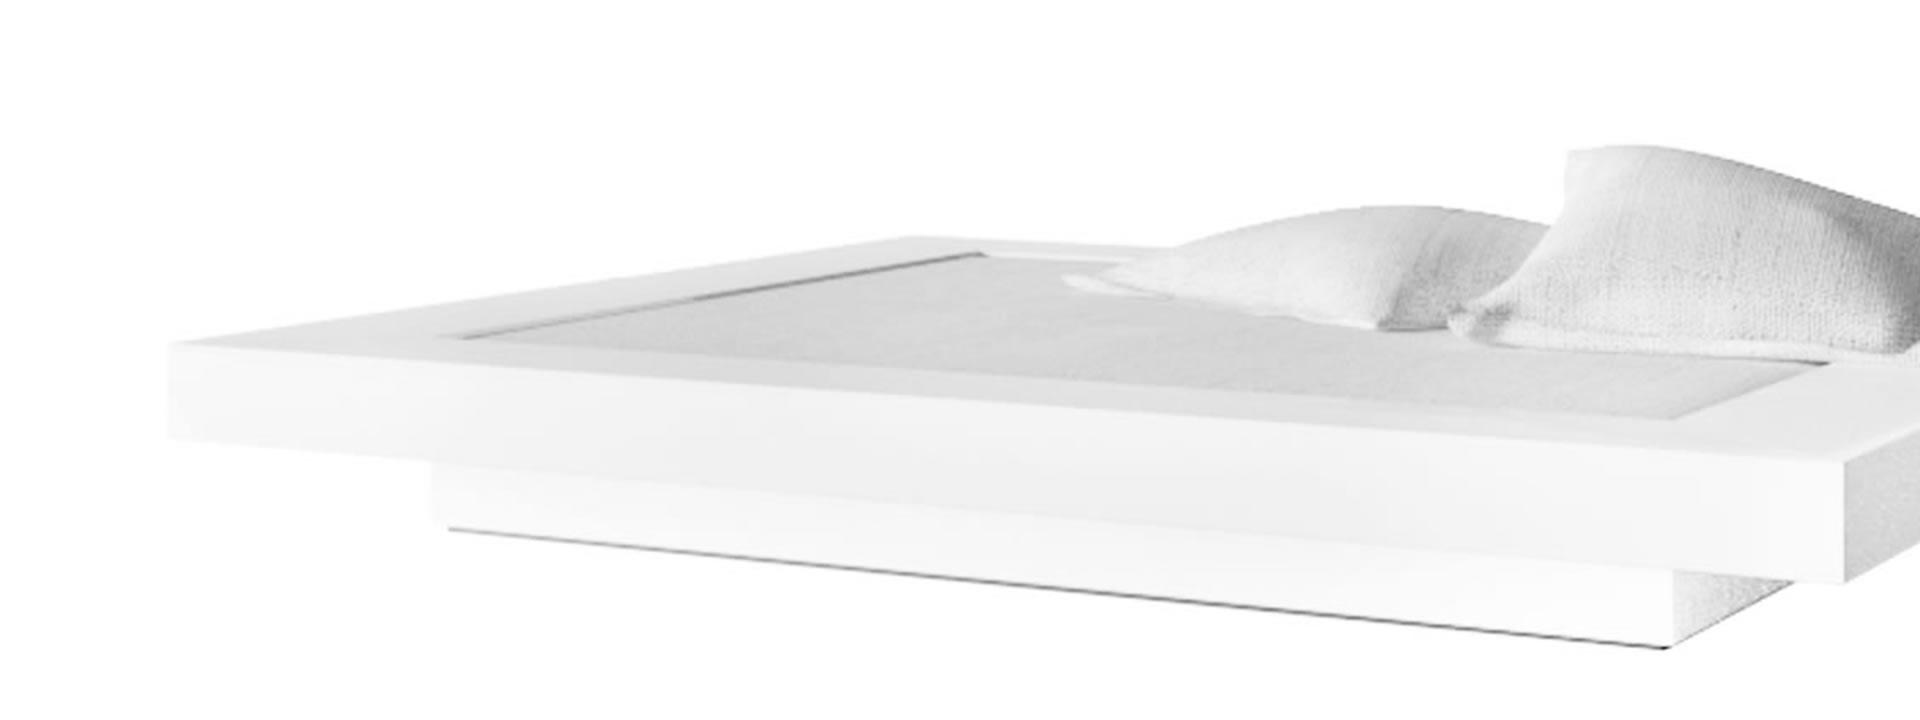 Full Size of Weißes Bett Visum Weies Puristisches Design Von Sofa 220 X 200 Kleinkind Bettkasten Möbel Boss Betten Erhöhtes Mit Gästebett Xxl Minion Dänisches Bett Weißes Bett